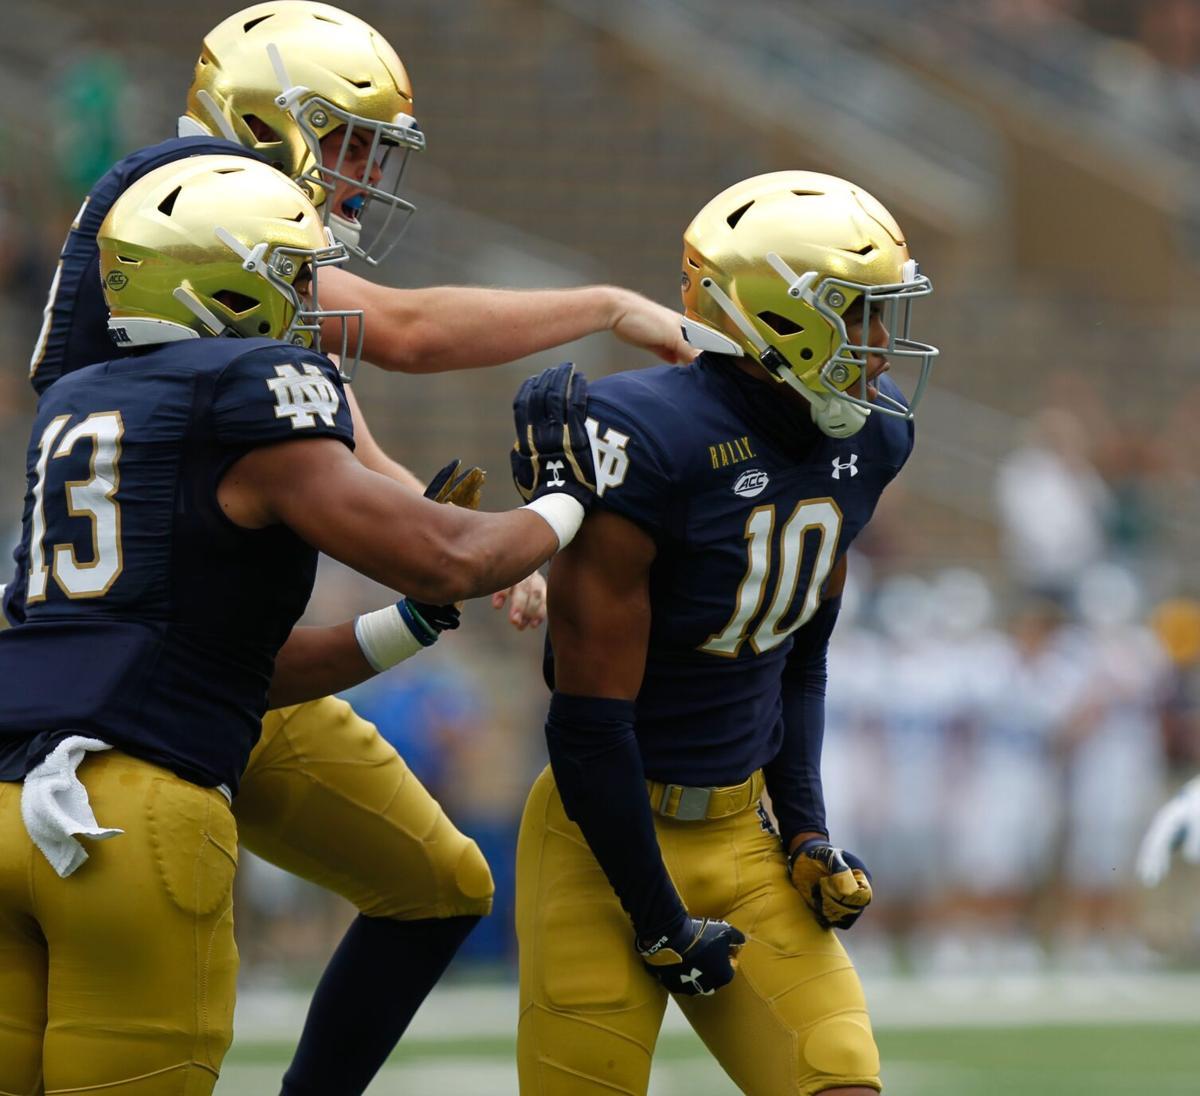 Isaiah Pryor Notre Dame vs. Duke